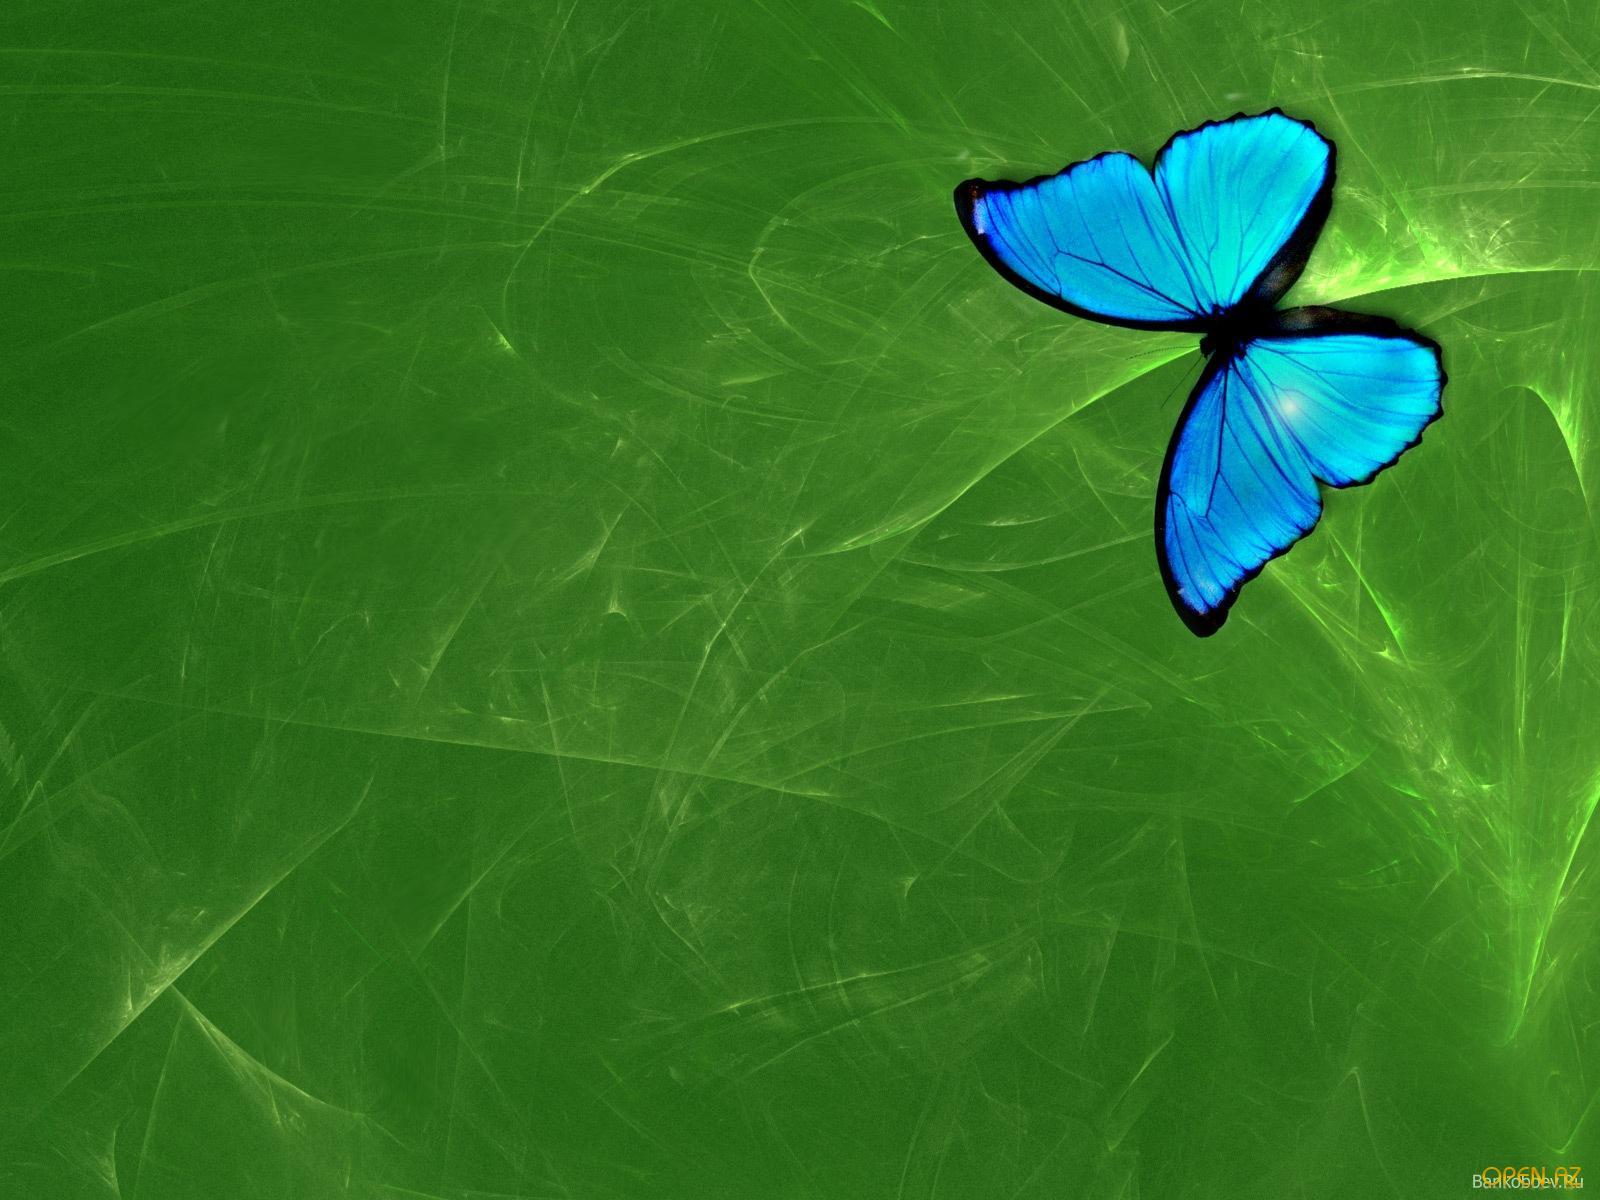 синяя бабочк ана зеленом фоне, скачать обои для рабочего стола